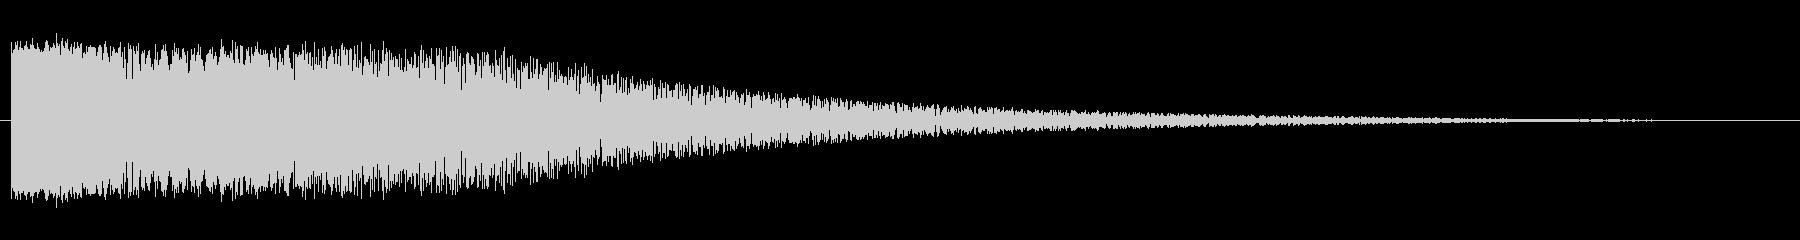 アニメなどに最適近未来的レーザービーム音の未再生の波形